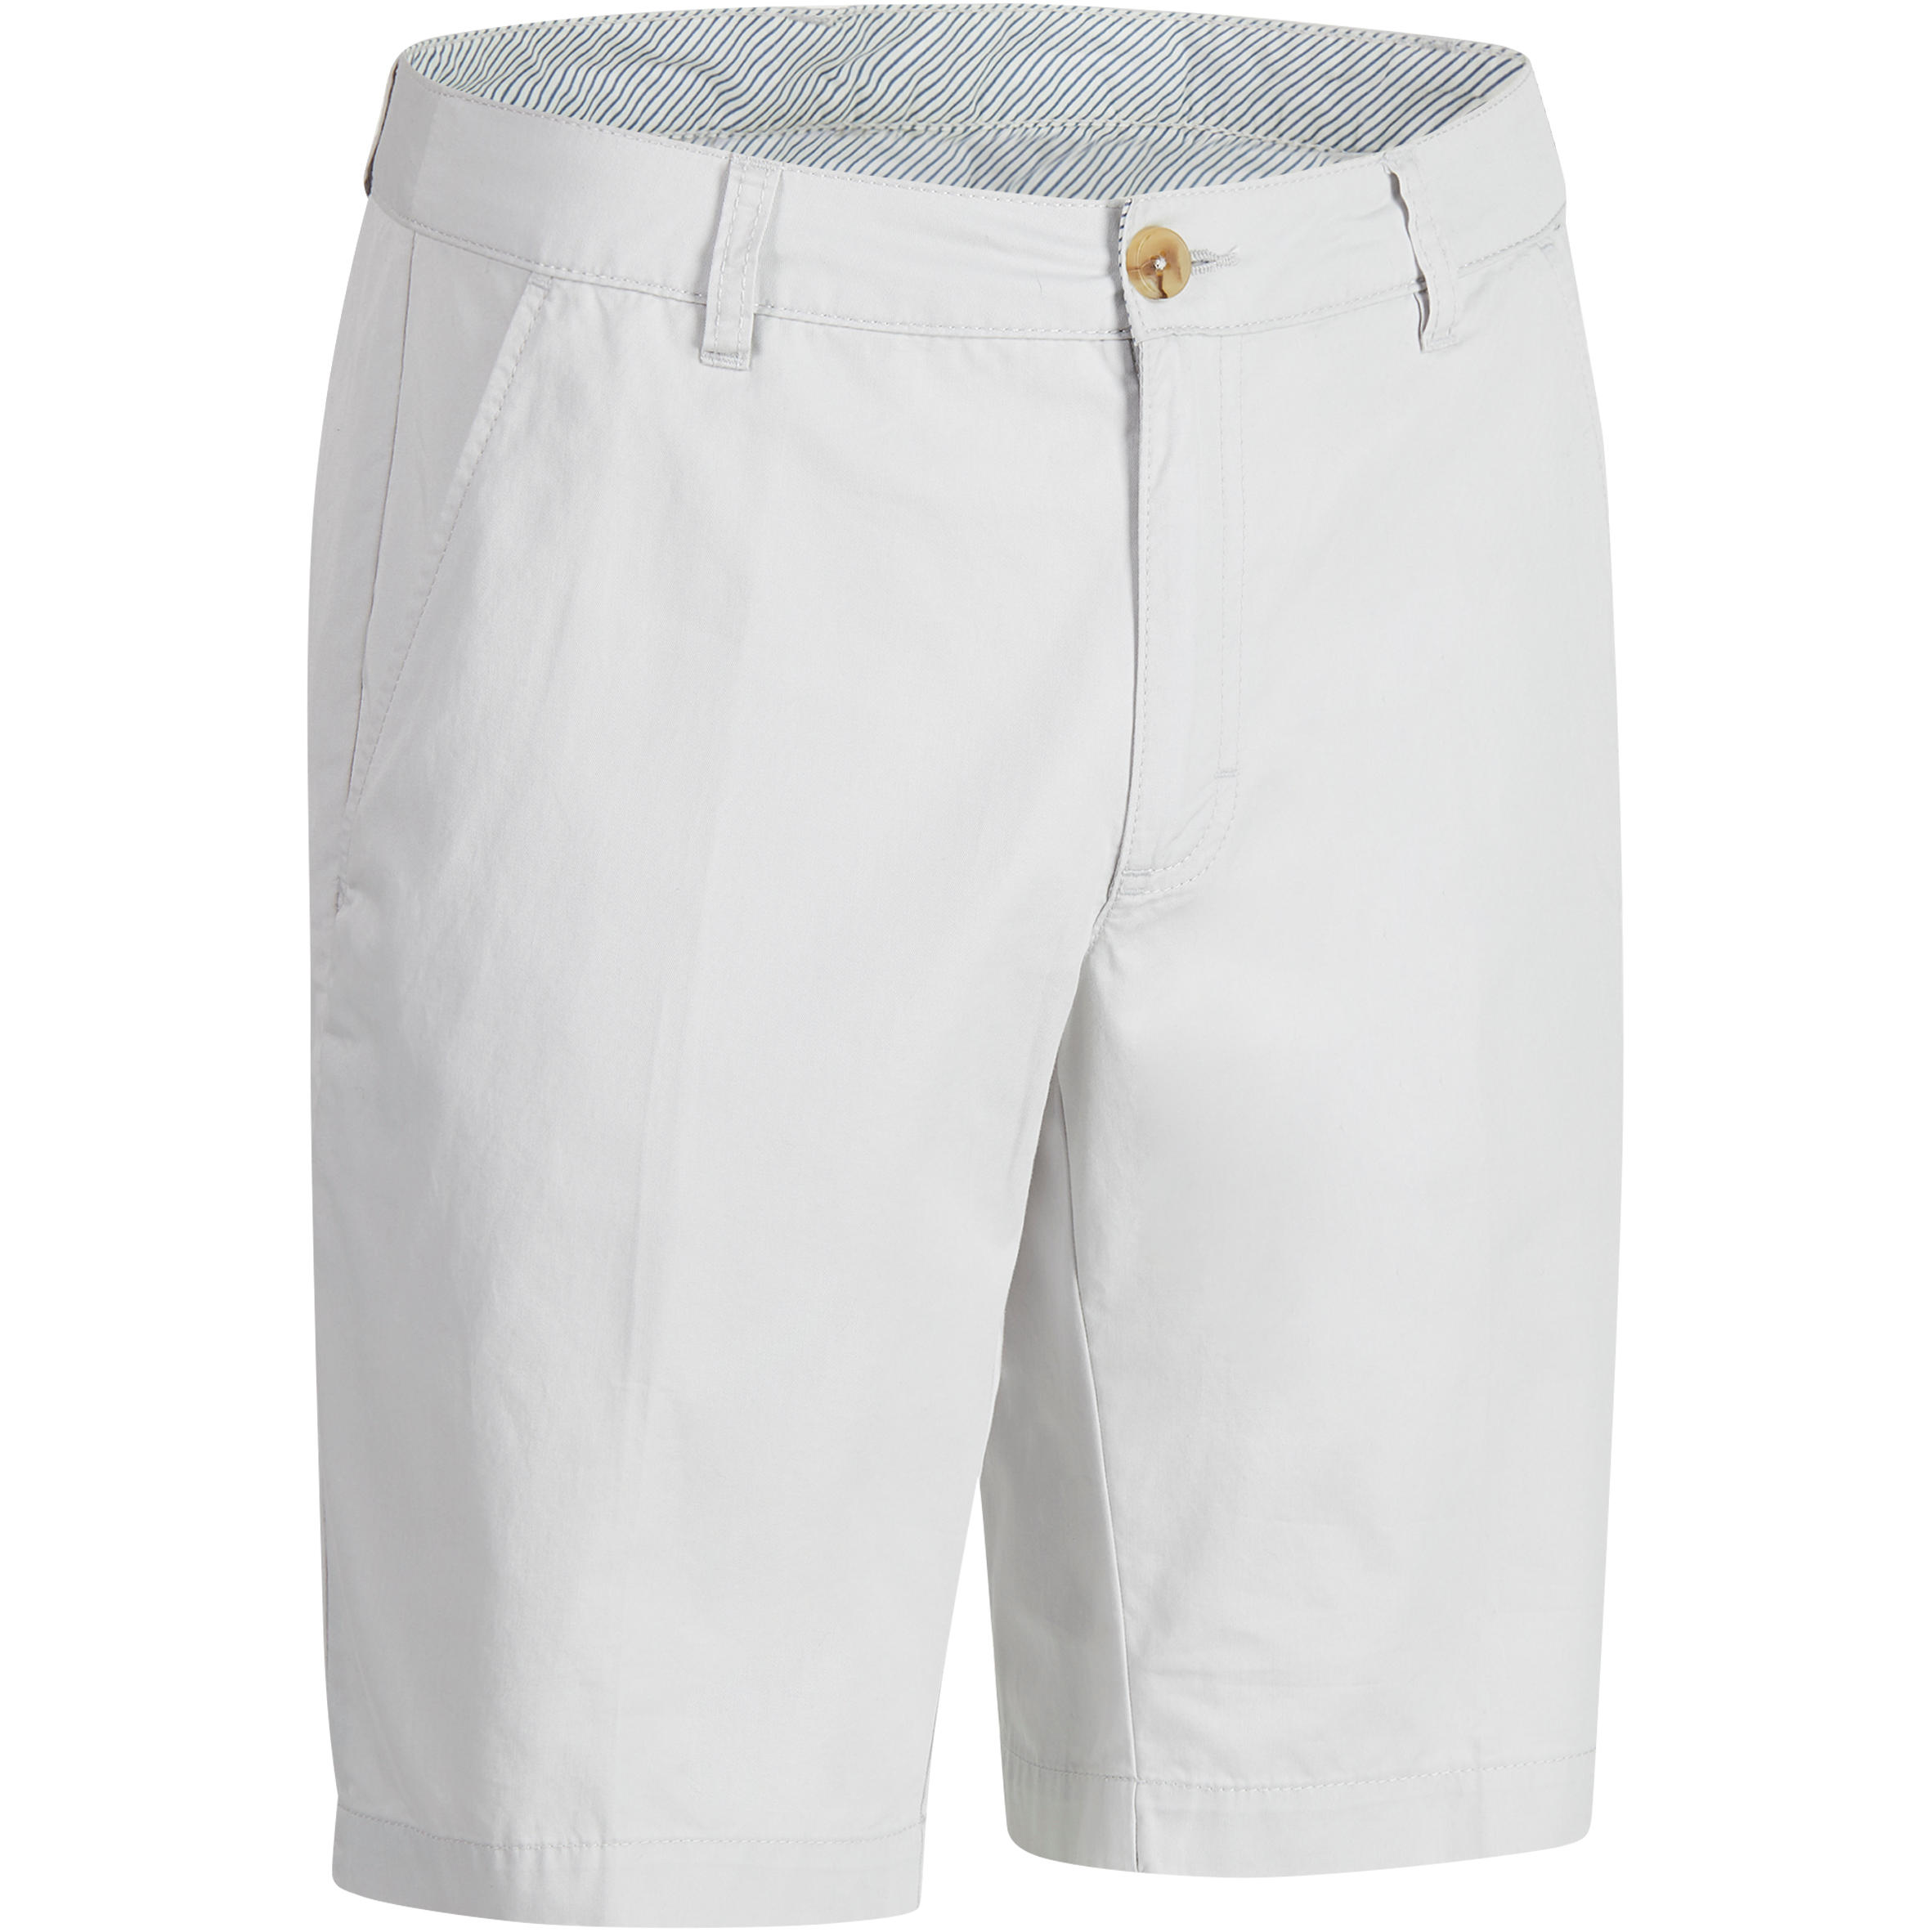 Bermudas de golf hombre 500 clima caluroso gris